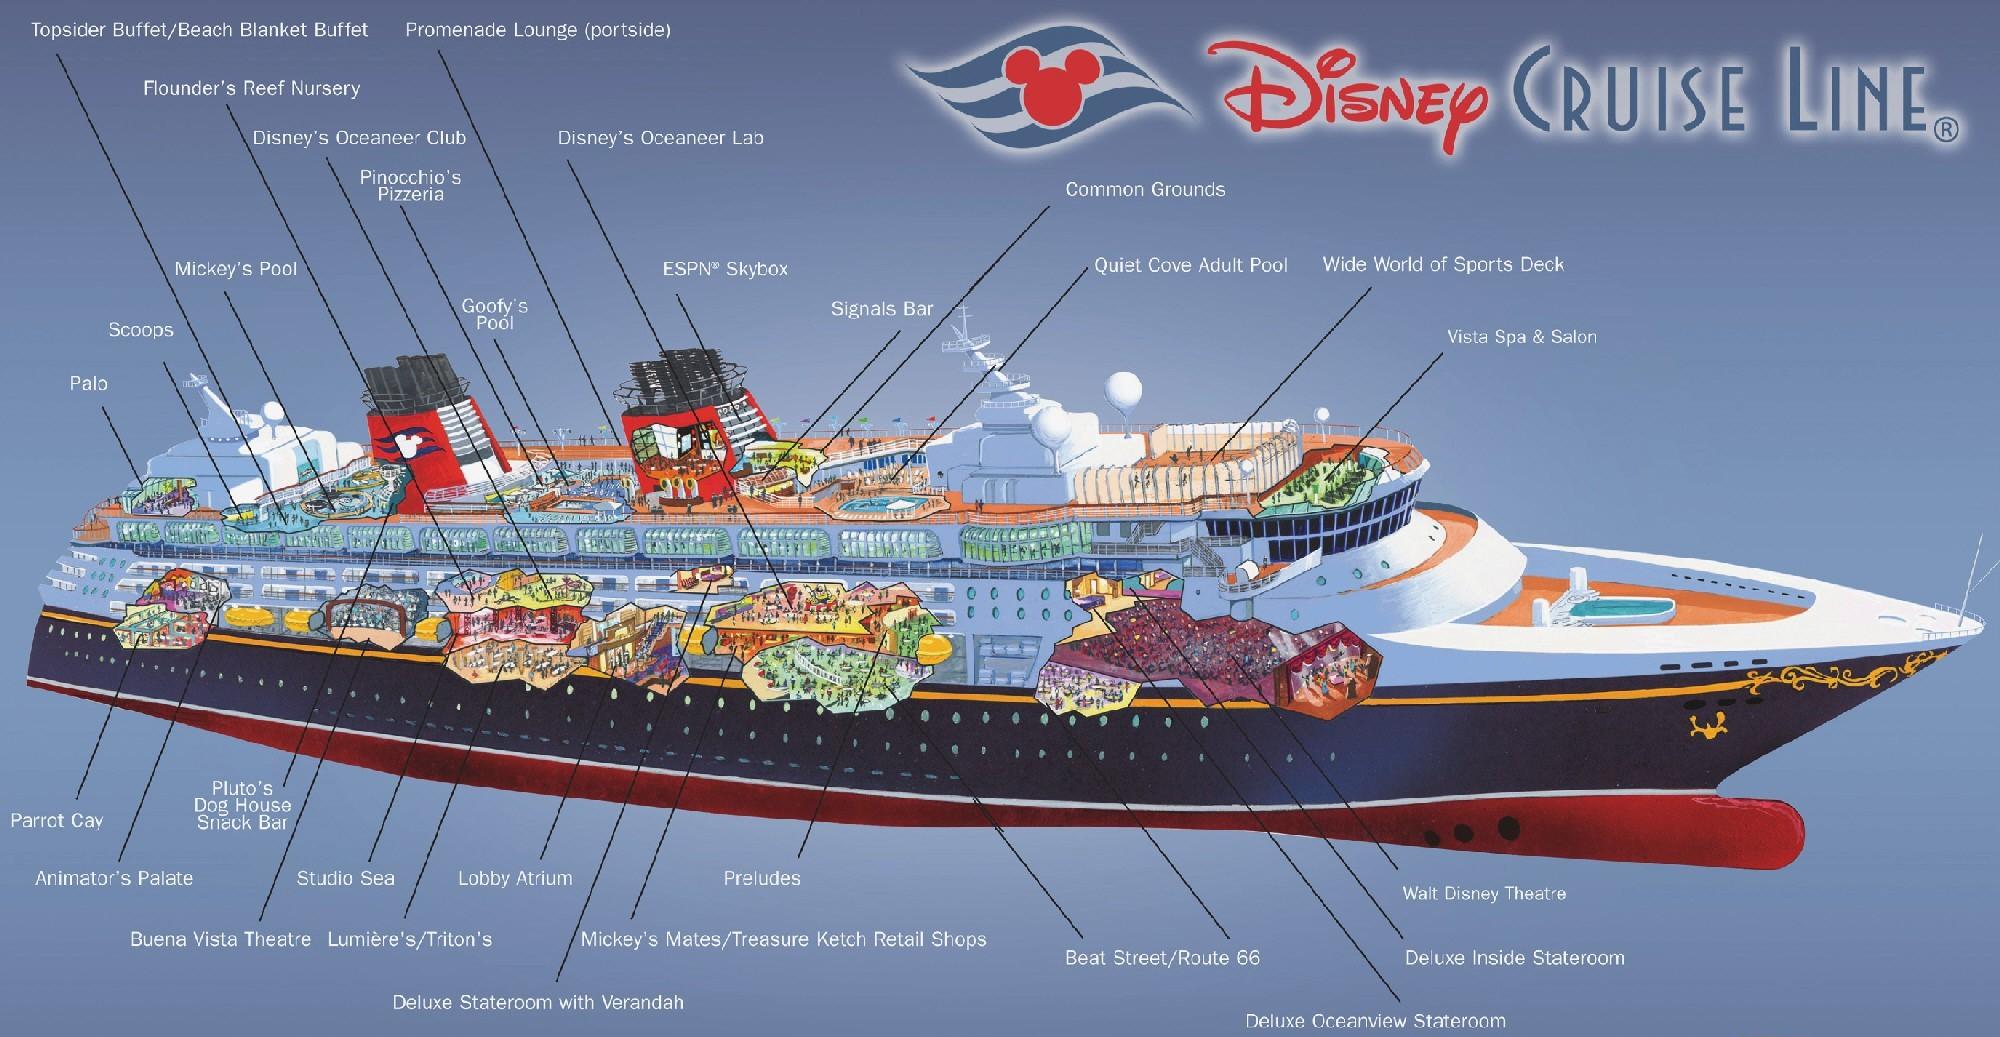 Disney cruise Bij deze willen we Disney vriendelijke verzoeken om ons 2000x1037